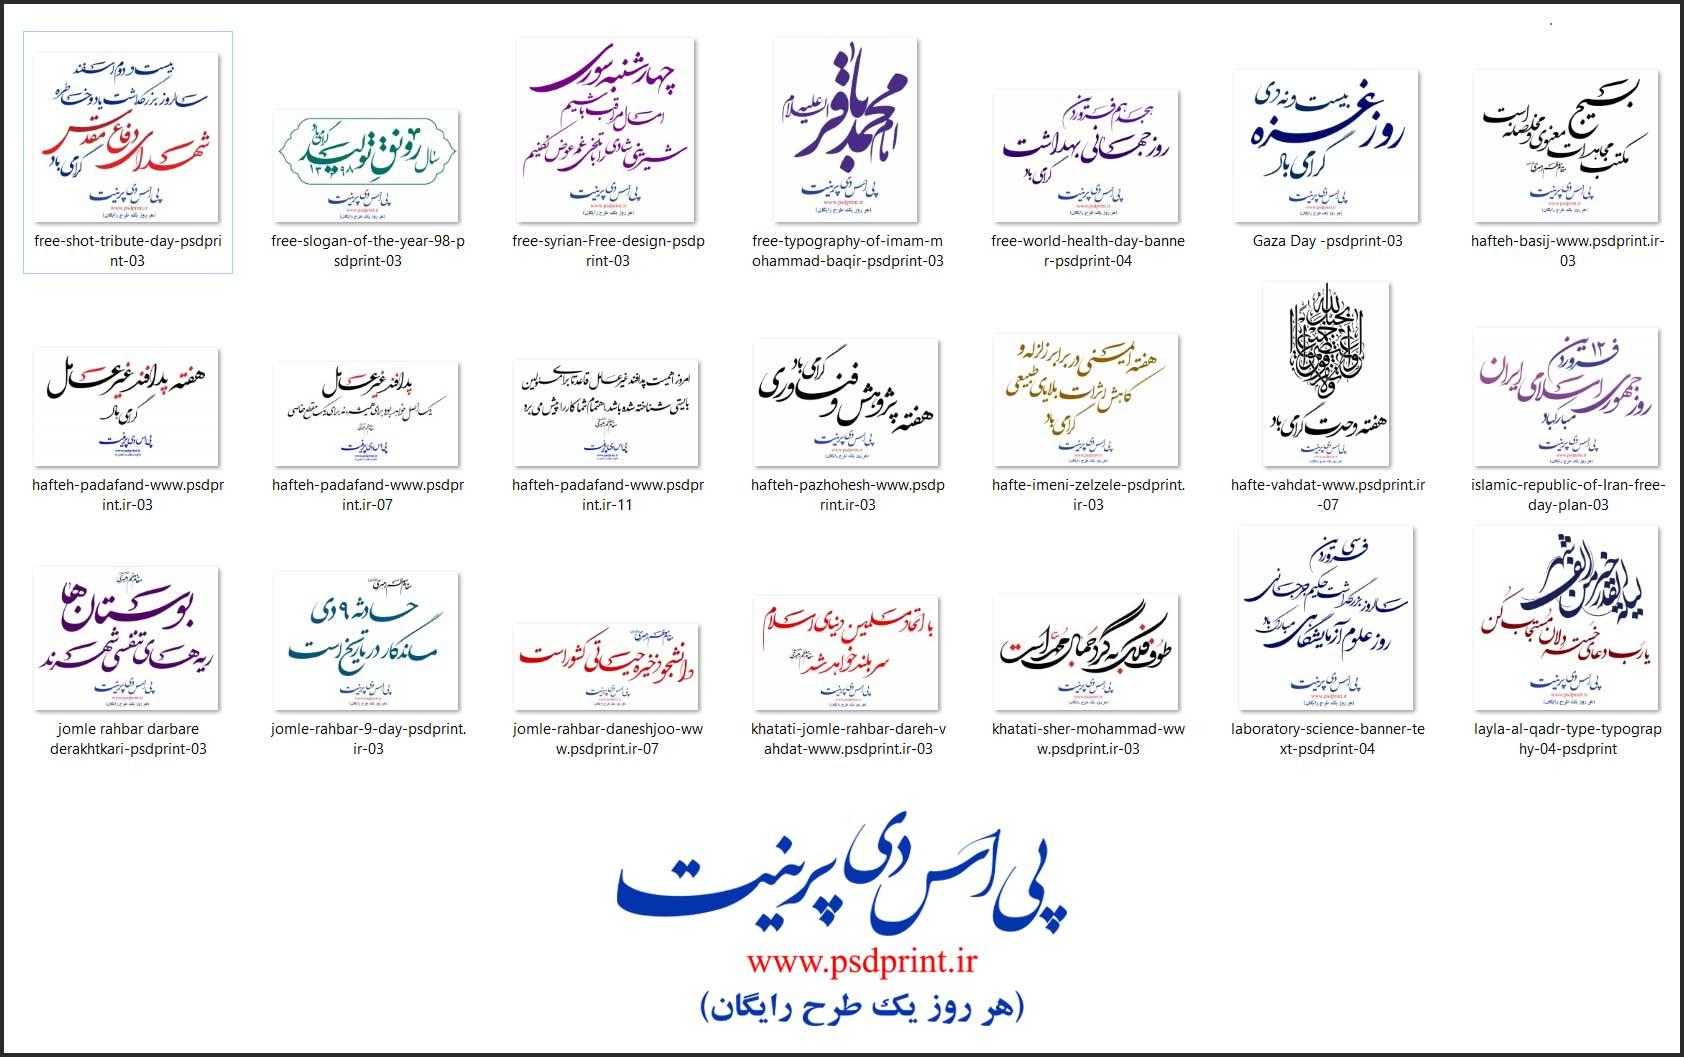 تایپوگرافی+مناسبت+های+ملی+مذهبی